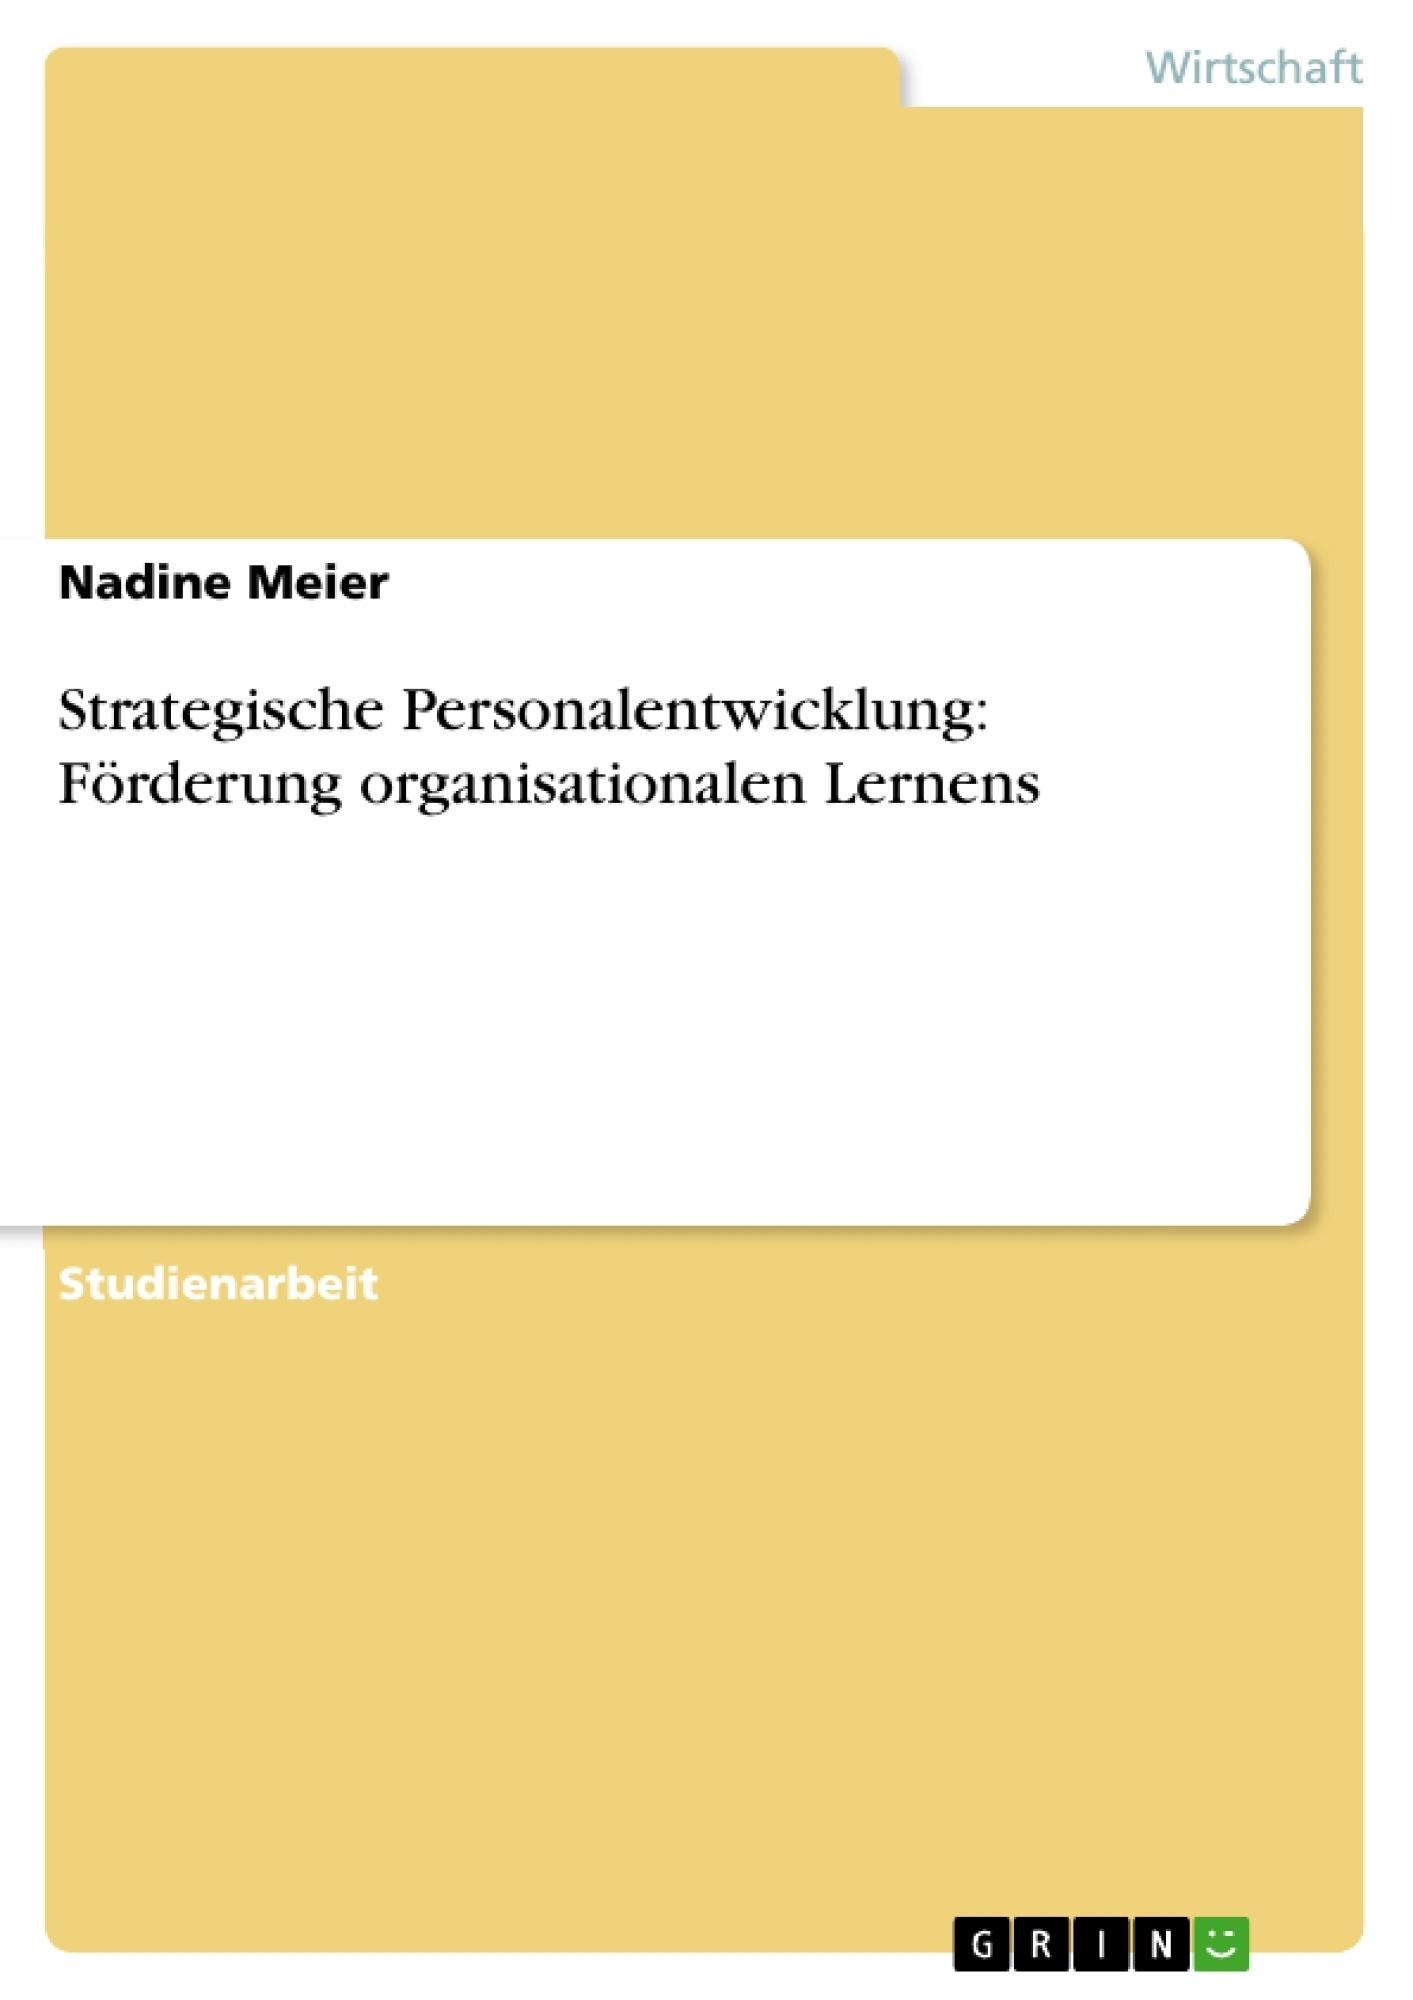 Titel: Strategische Personalentwicklung: Förderung organisationalen Lernens